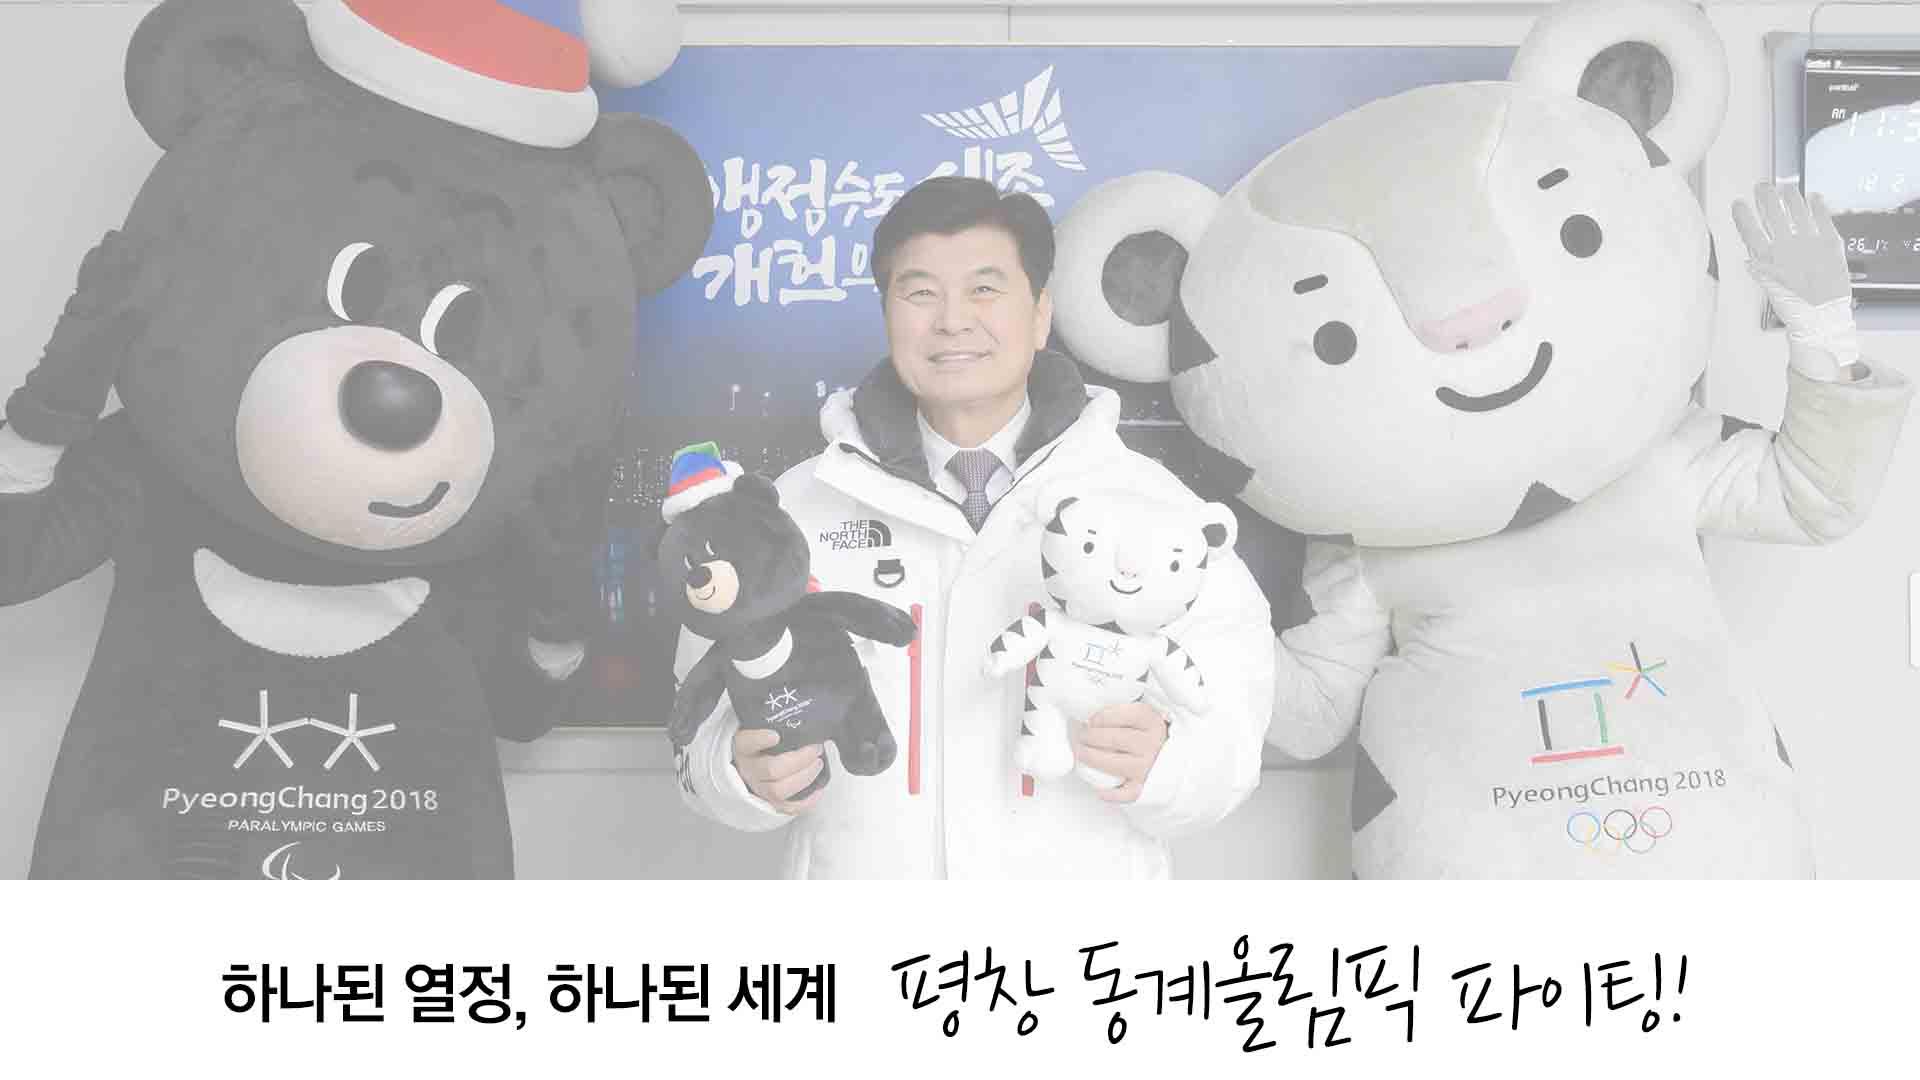 평창 동계올림픽 응원릴레이